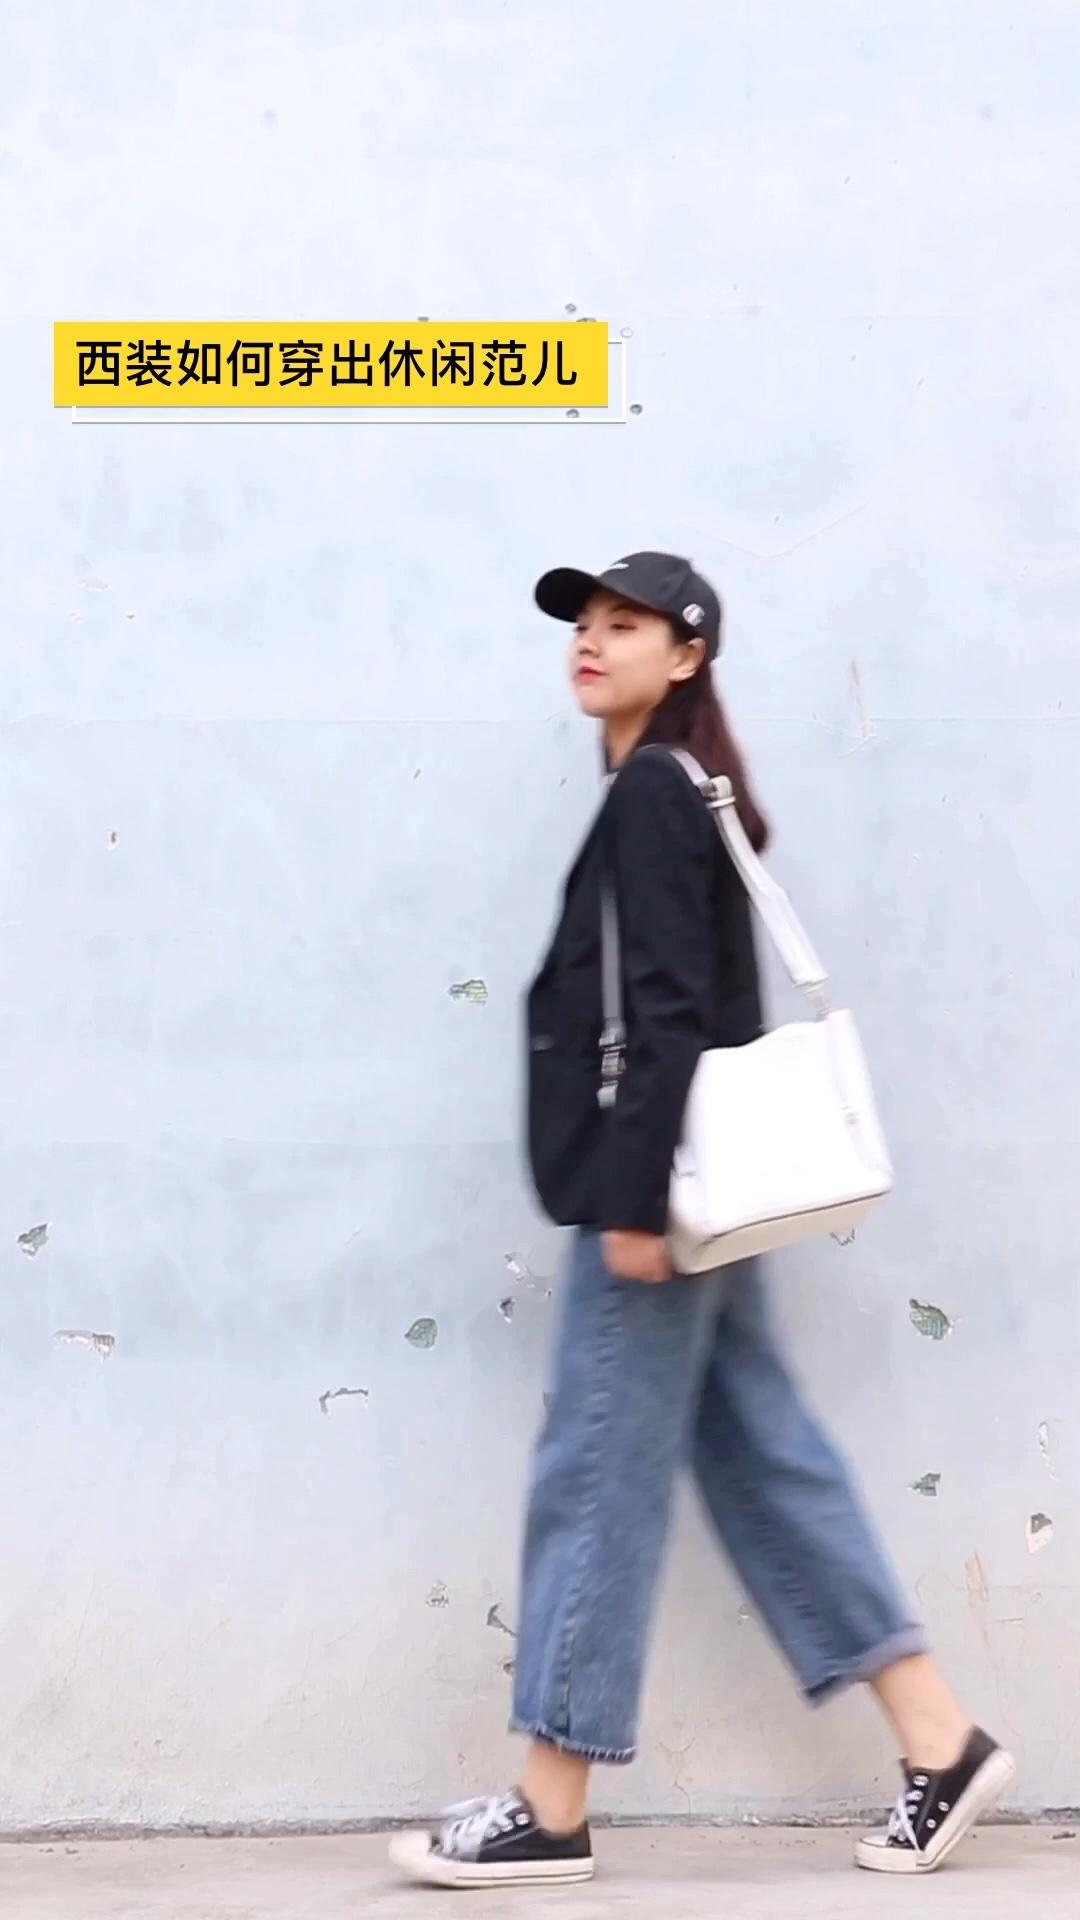 #矮妹不哭,高腰最cool# 西装外套如何穿出休闲范 上衣是一件版型超正的西装外套 正儿八经工作面试时穿的  首先西装里面搭配了一件印花T 降低外套黑色的沉闷感 提高整体趣味性 其次下身是一条高腰阔腿牛仔裤 牛仔裤本身就是一个很休闲的单品 复古蓝也弱化了西装的单调 然后穿一双帆布 黑白匡威颜色既呼应了全身 也很日常  最后哈哈戴上棒球帽 你就是潮人本人了 你们学会了吗🙆